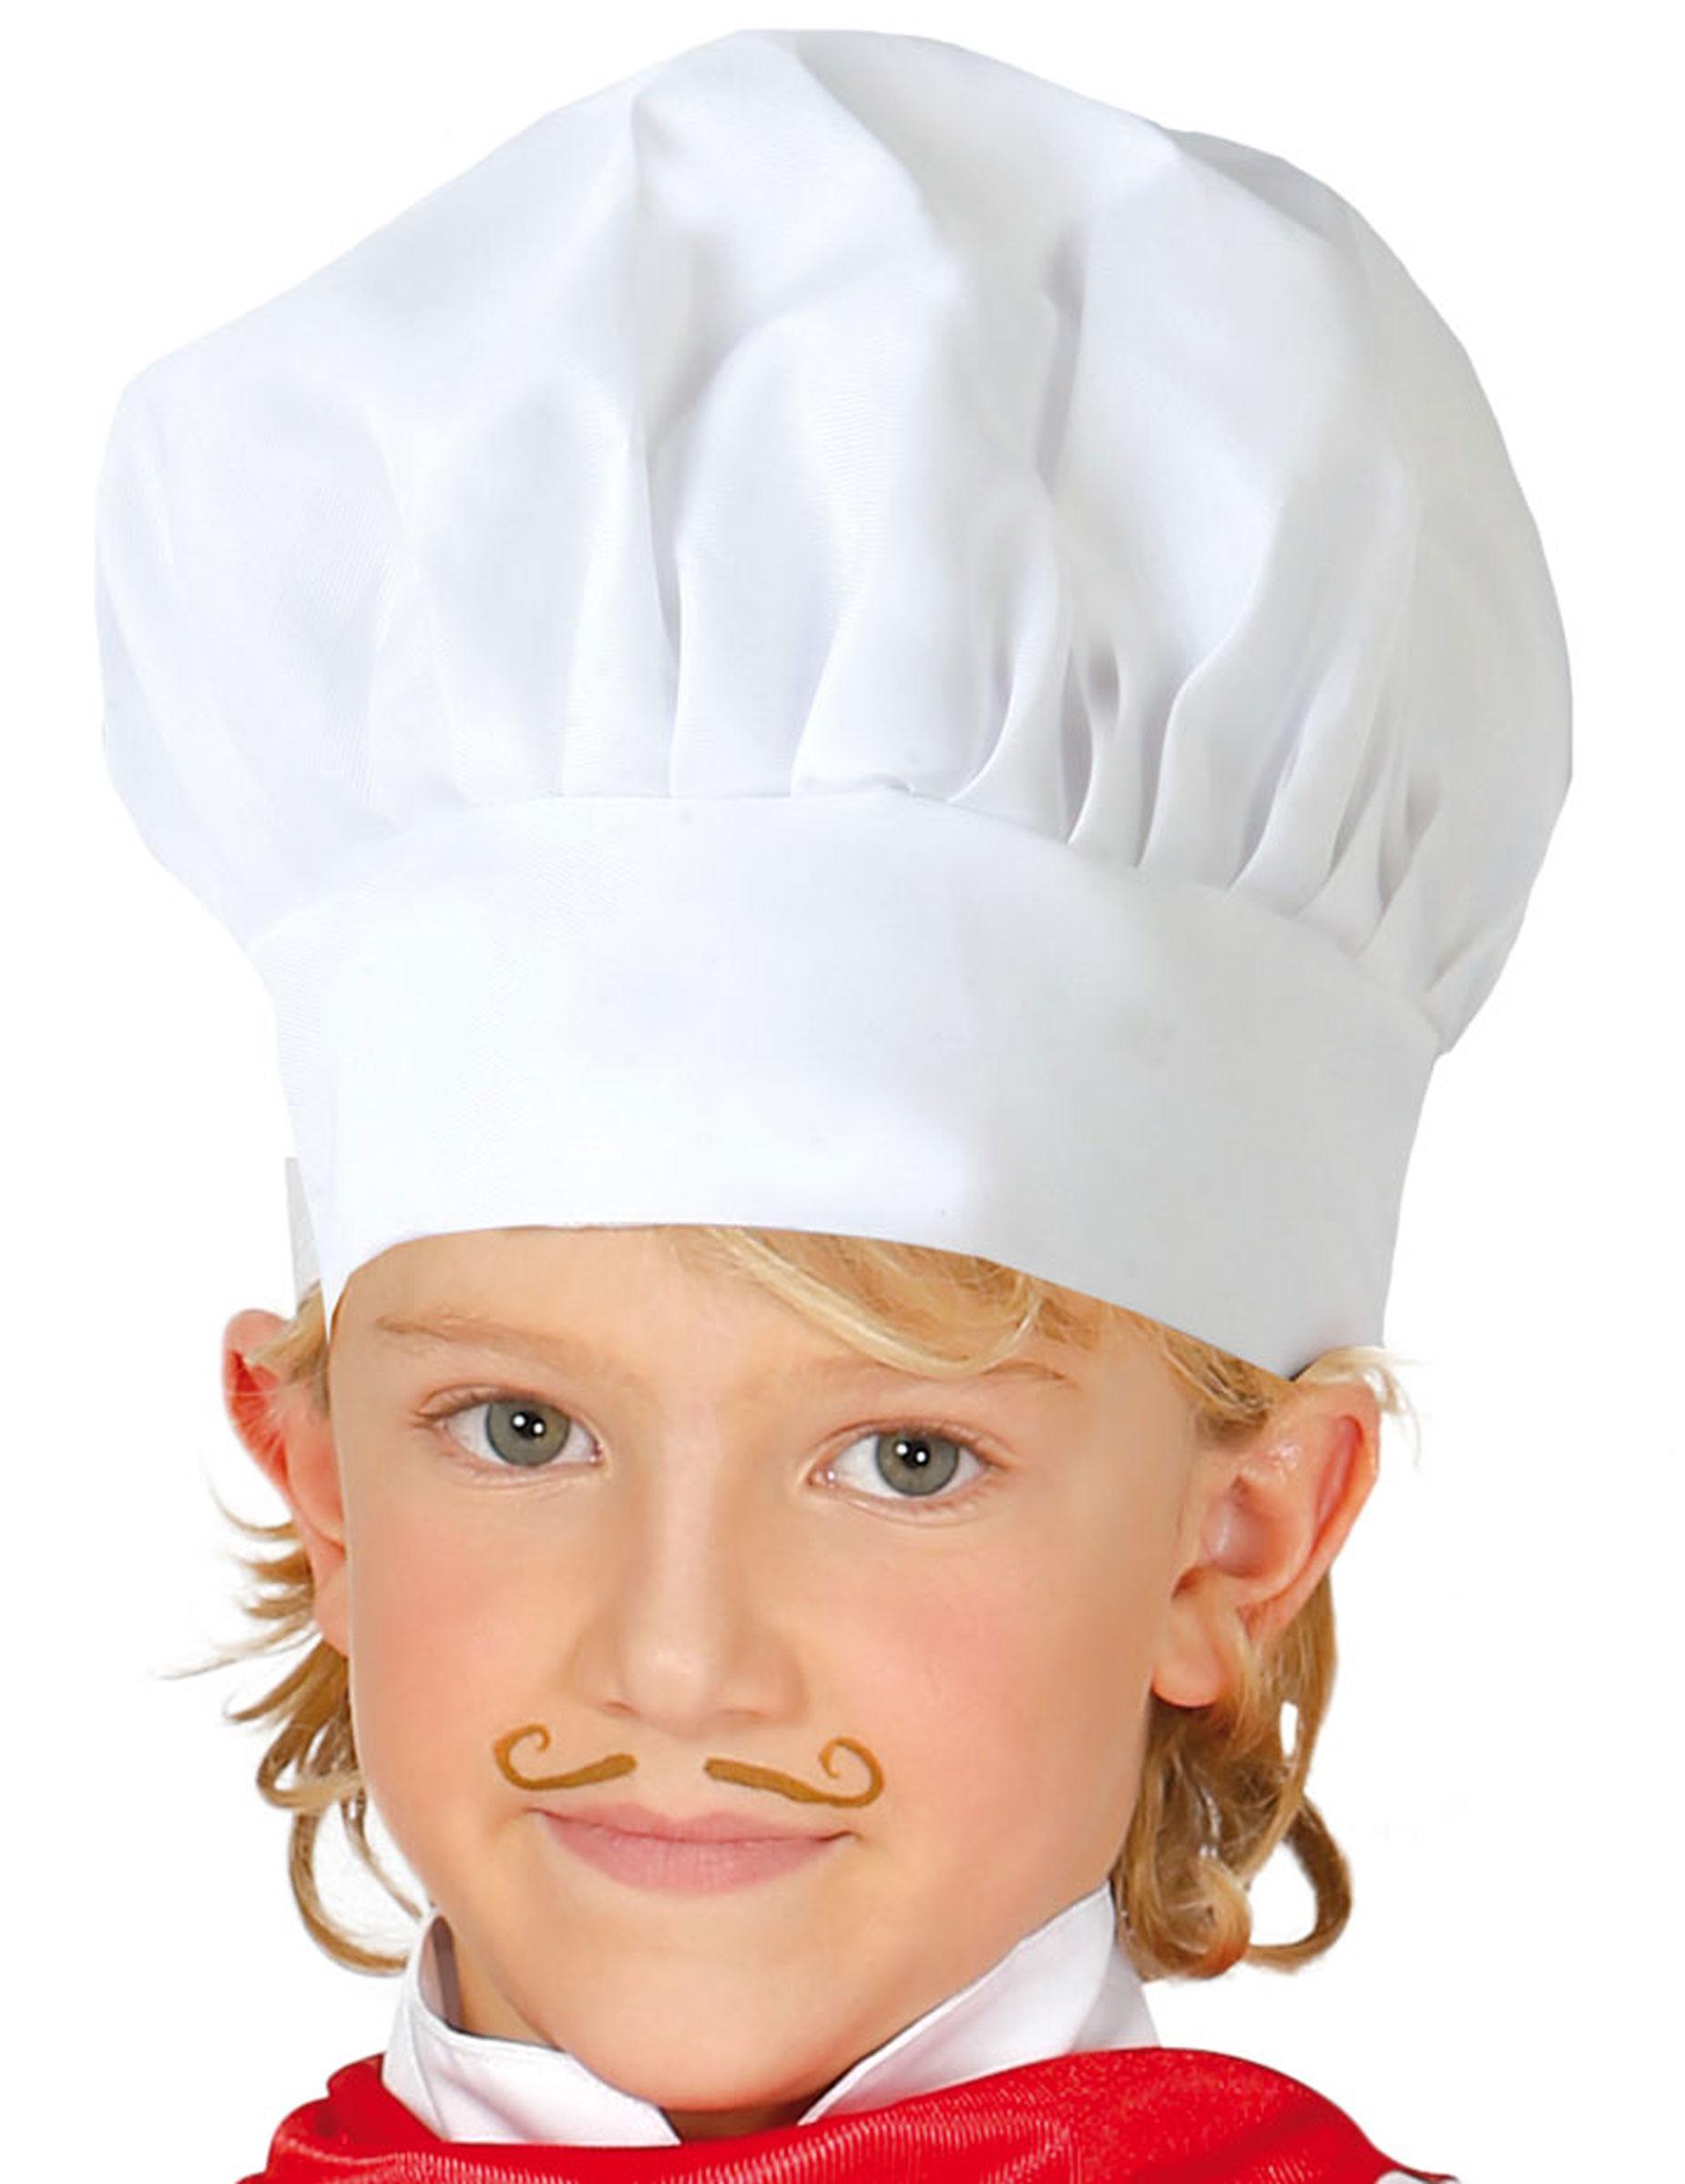 Cappello da cuoco per bambino  Cappelli 22179716a1ba